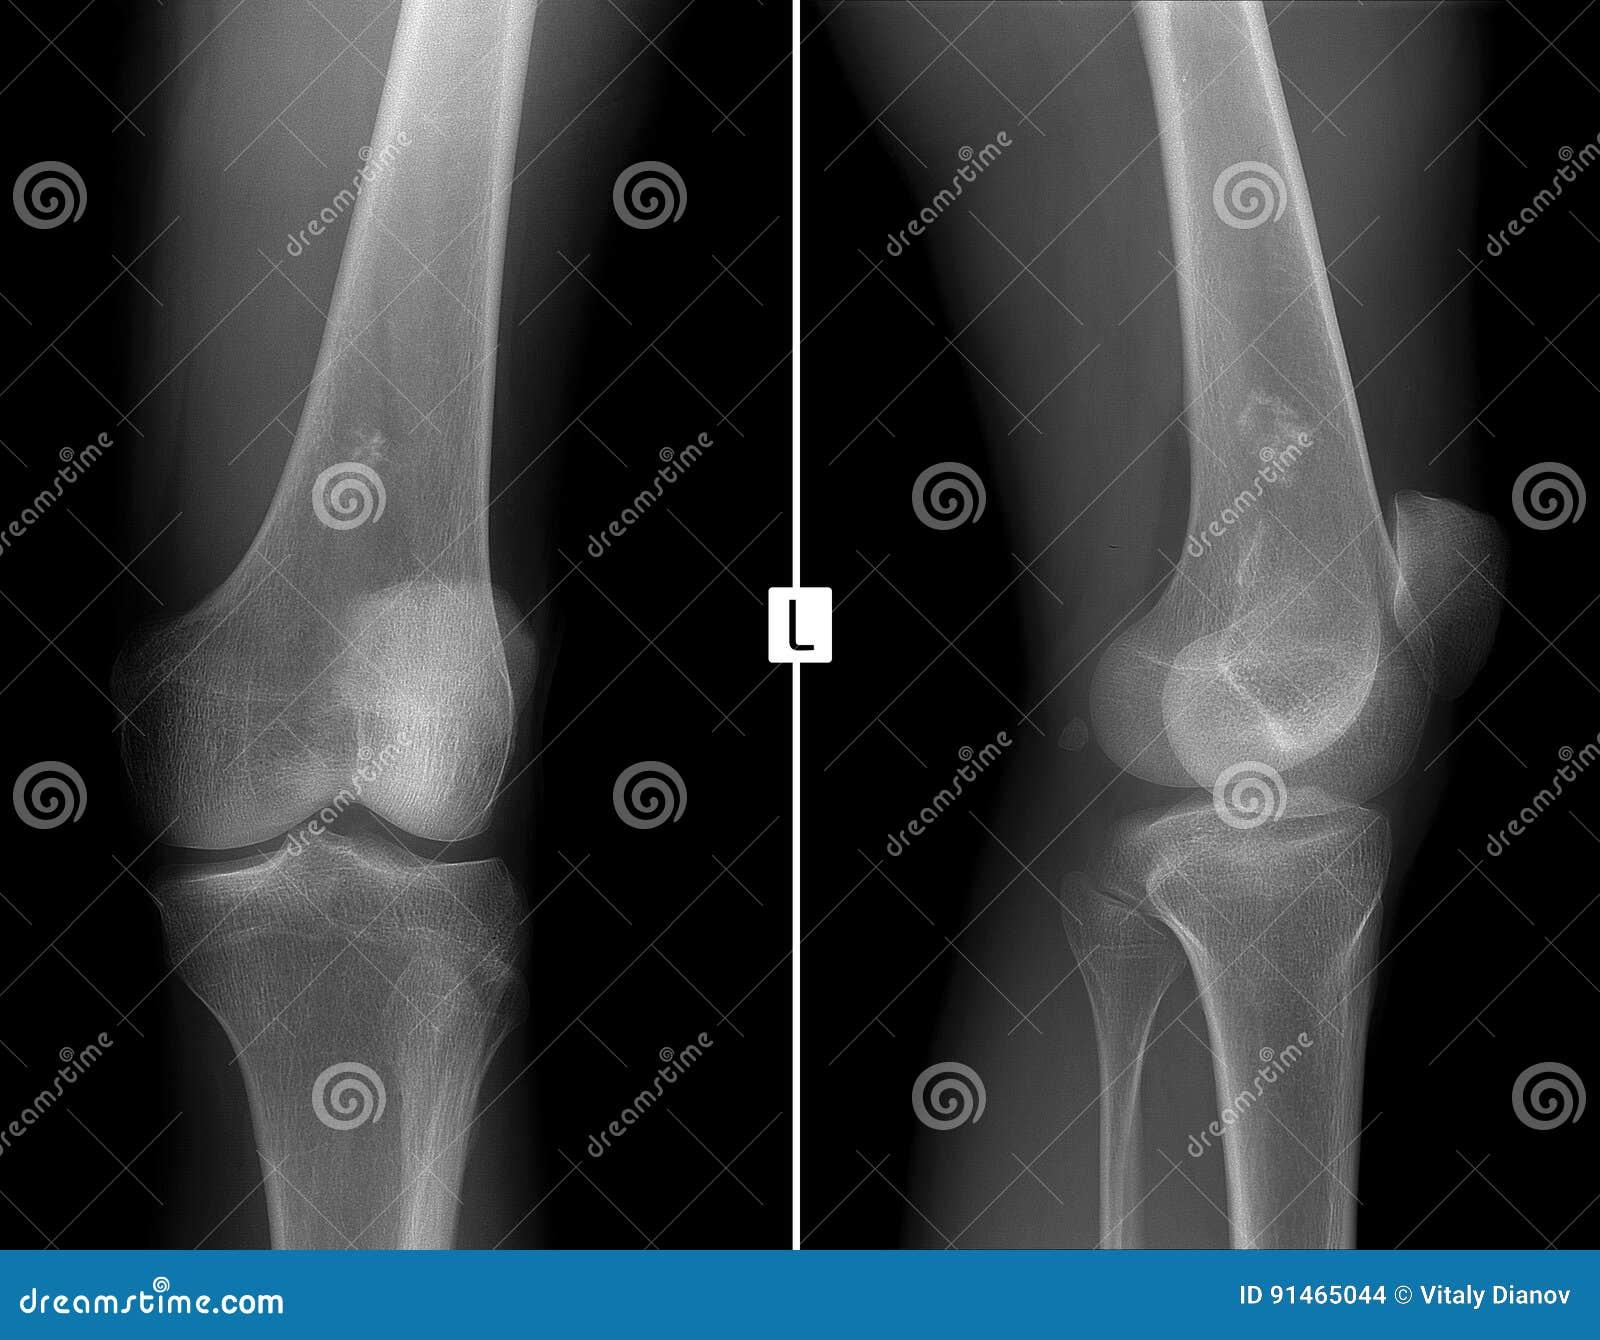 Cancer sarcome genou. SYNOVIAL - Definiția și sinonimele synovial în dicționarul Franceză